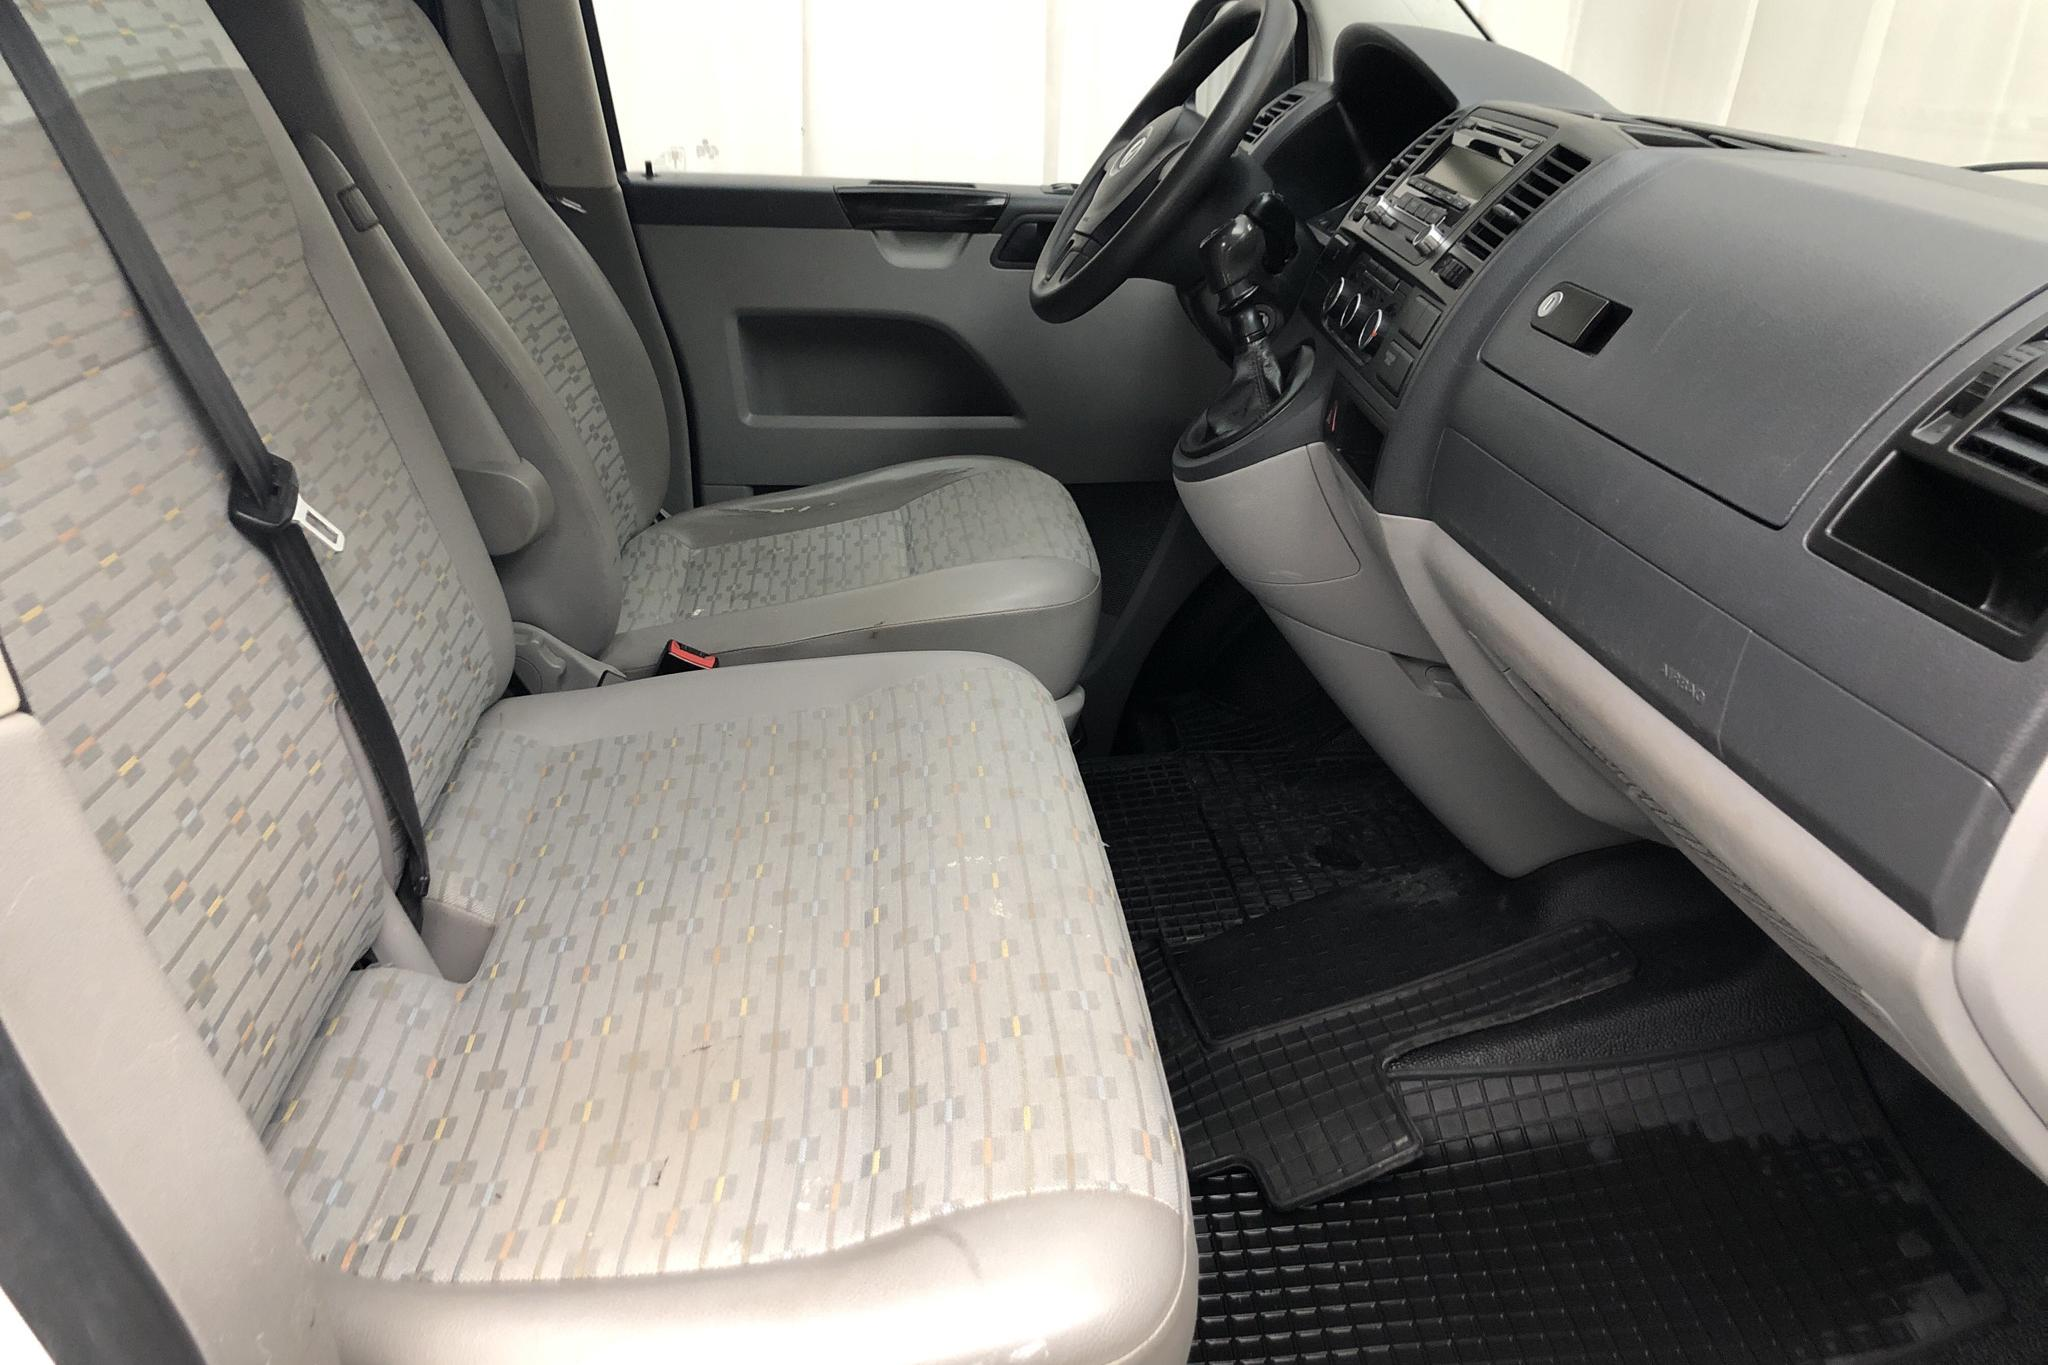 VW Transporter T5 2.0 TDI (140hk) - 14 923 mil - Manuell - vit - 2011